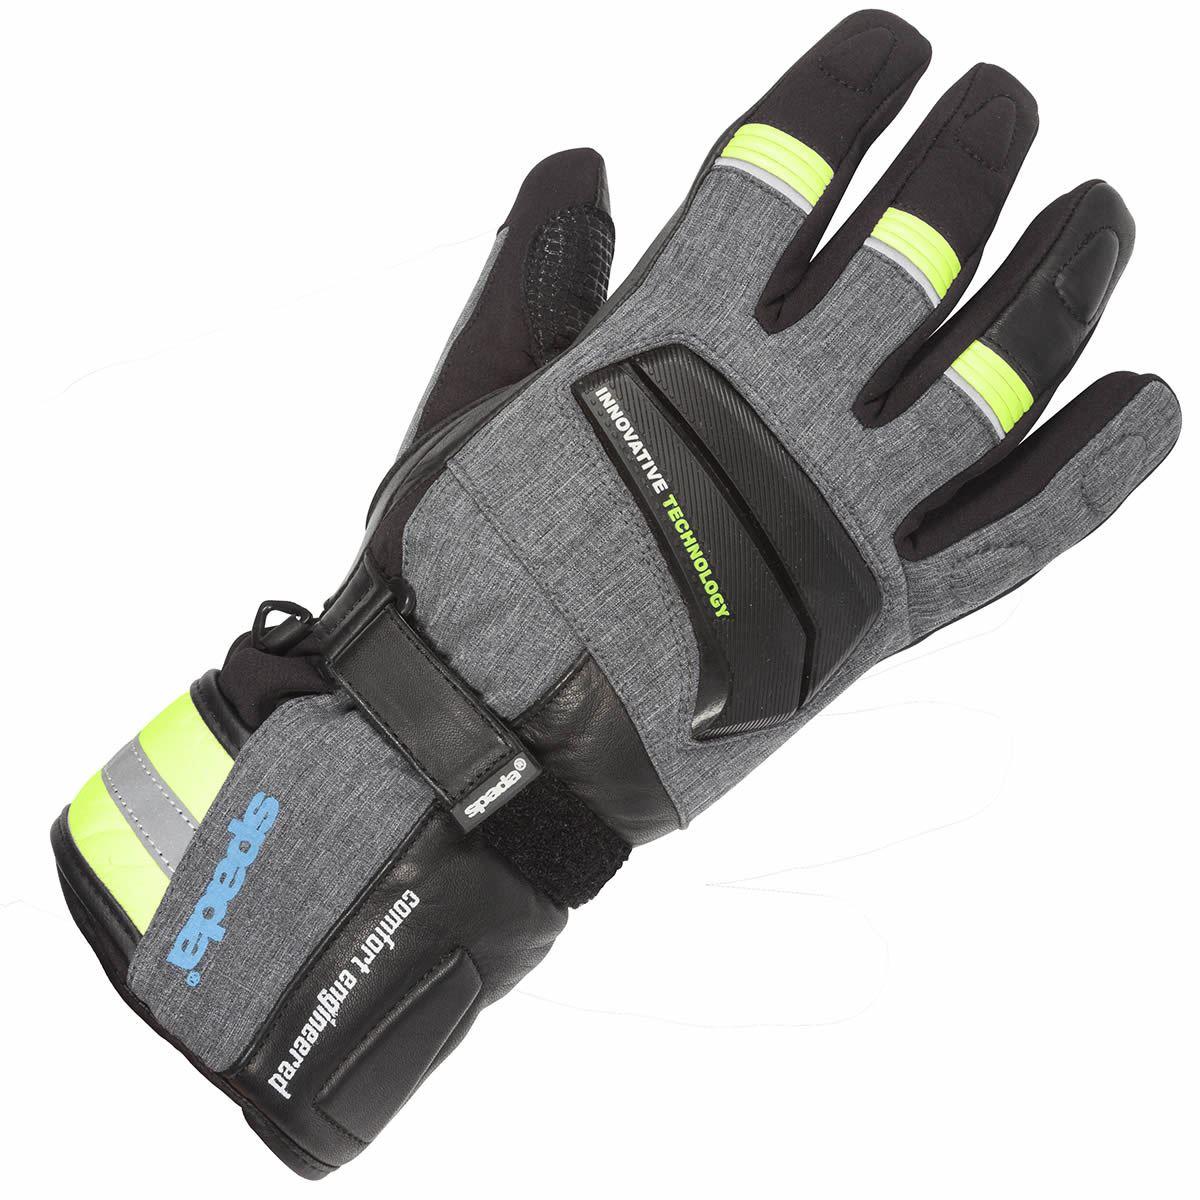 Spada-Latour-Waterproof-Winter-Gloves-Motorcycle-Motorbike-Thermal-Touring thumbnail 11